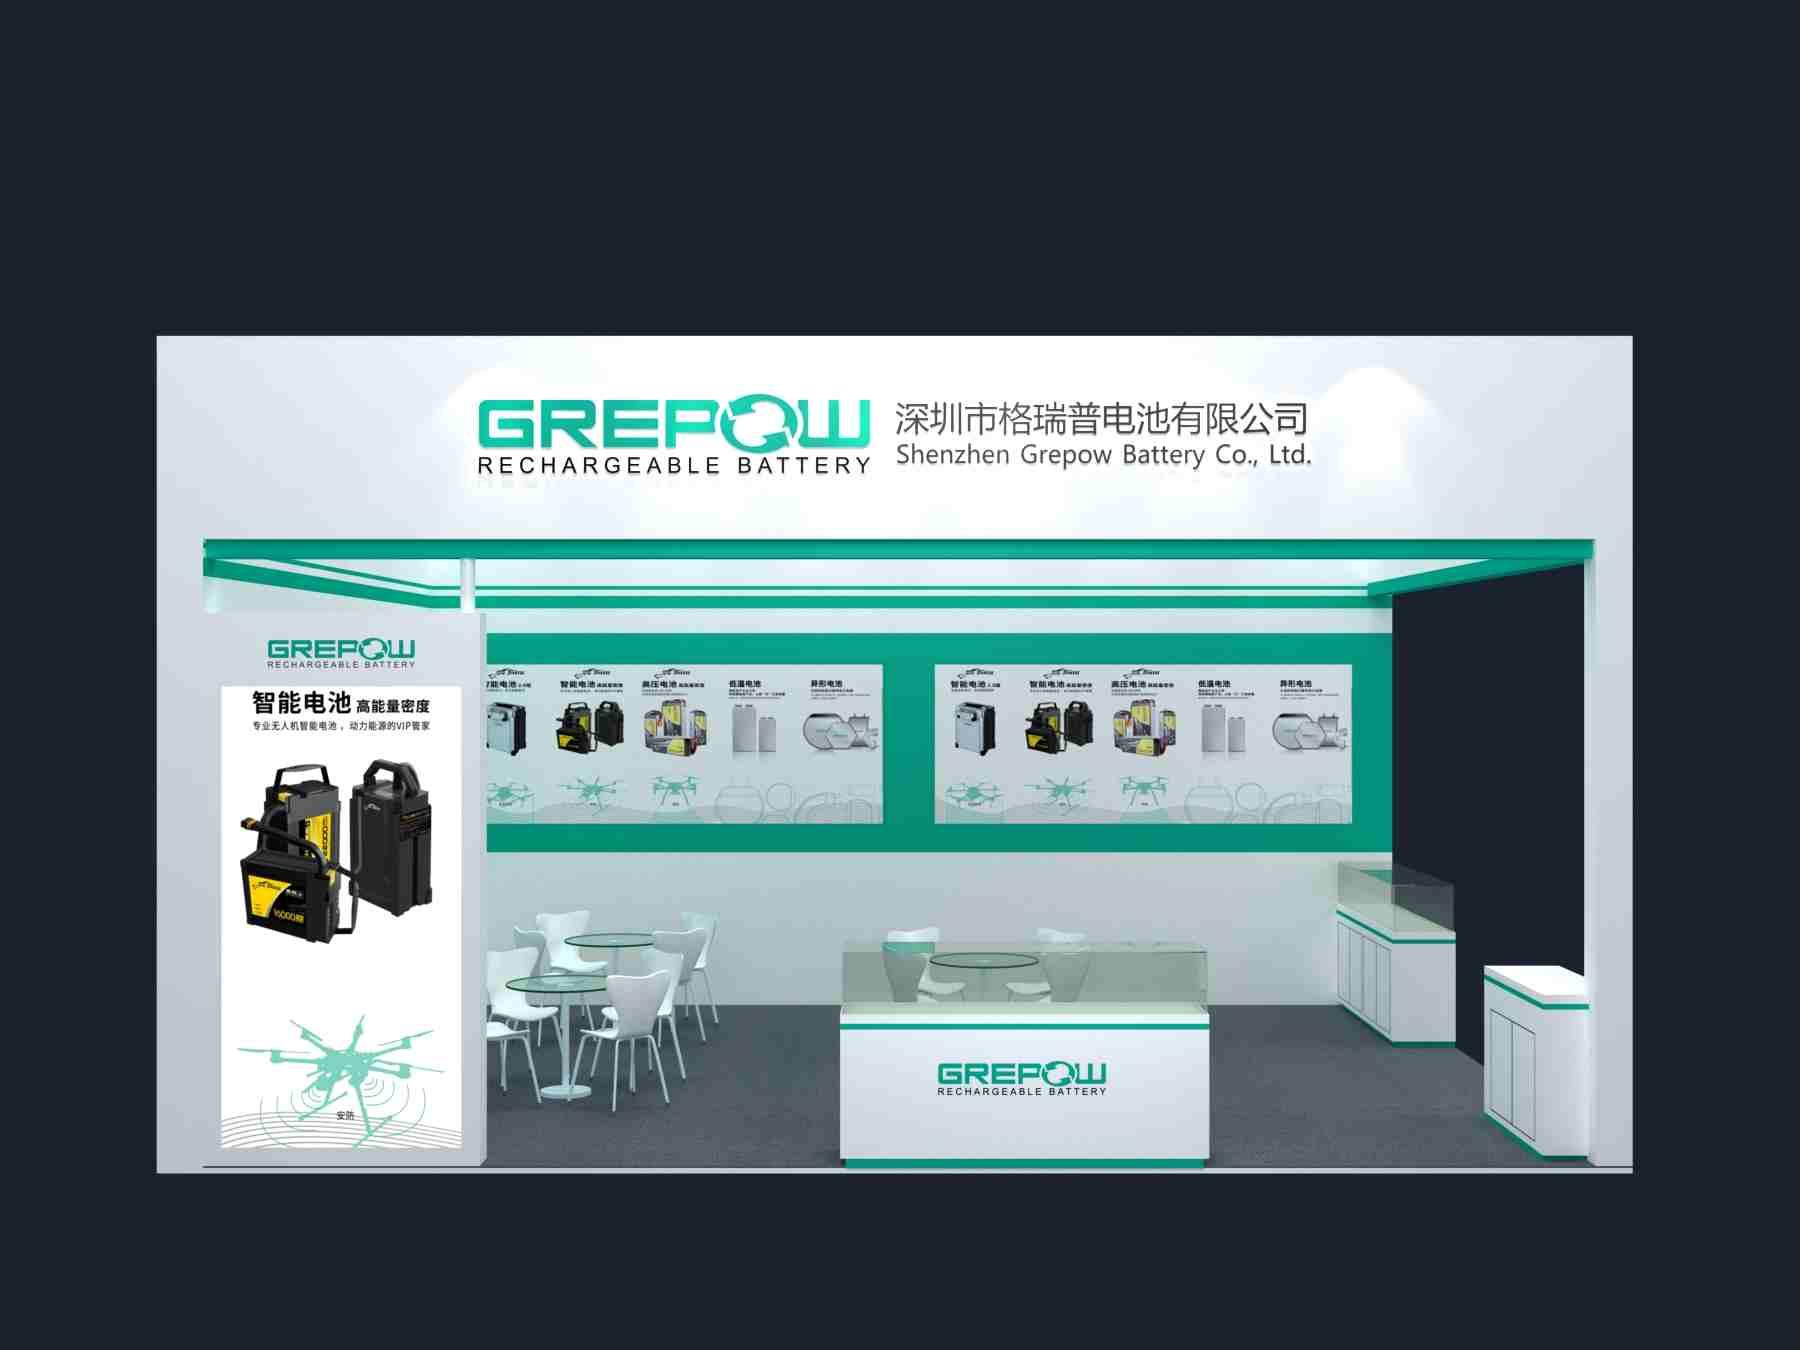 深圳市格瑞普电池有限公司展区